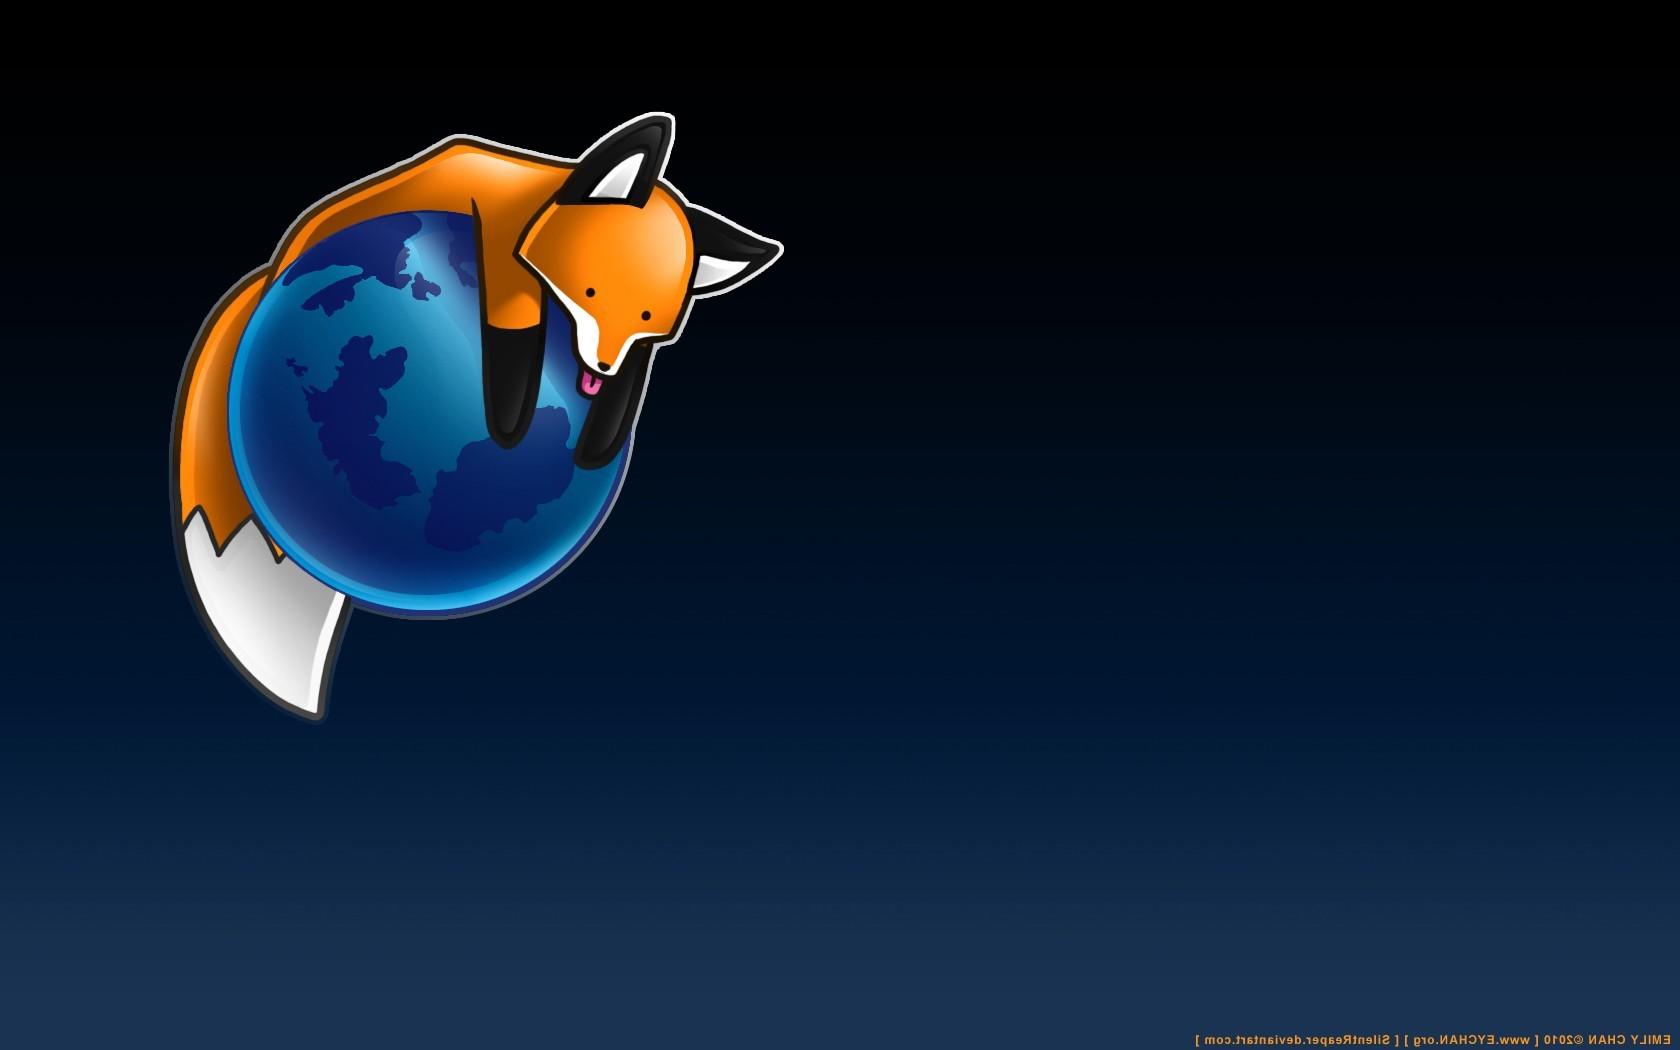 Vettore volpe cartone animato illustrazione